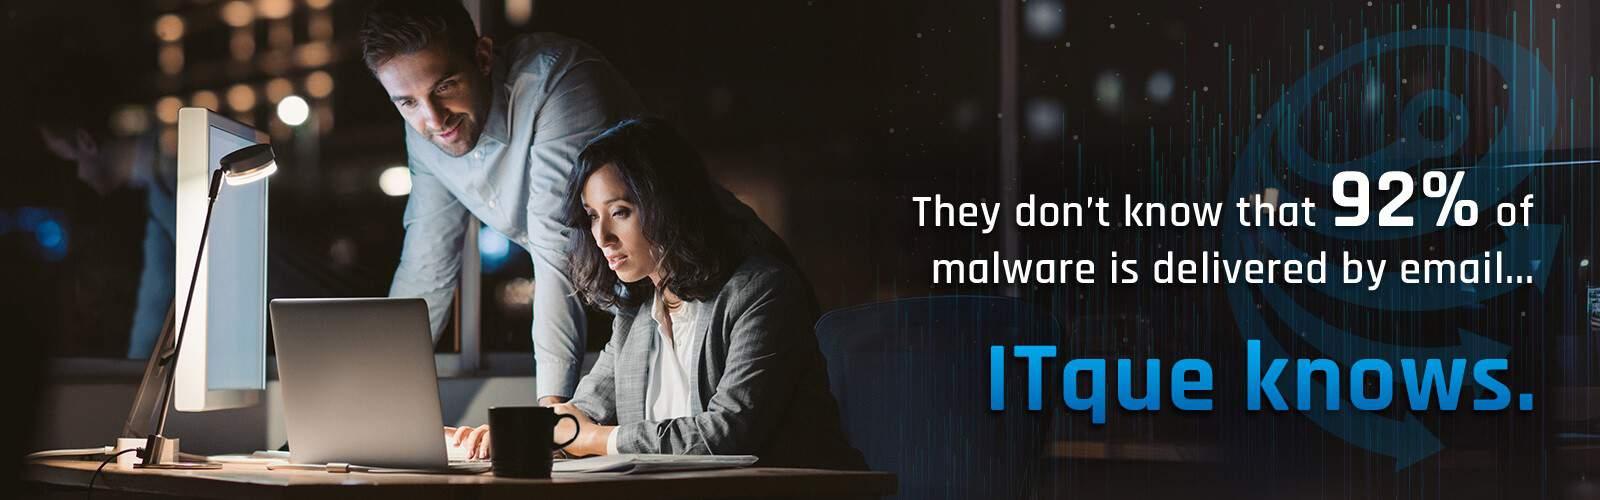 Itque Header Malware | ITque